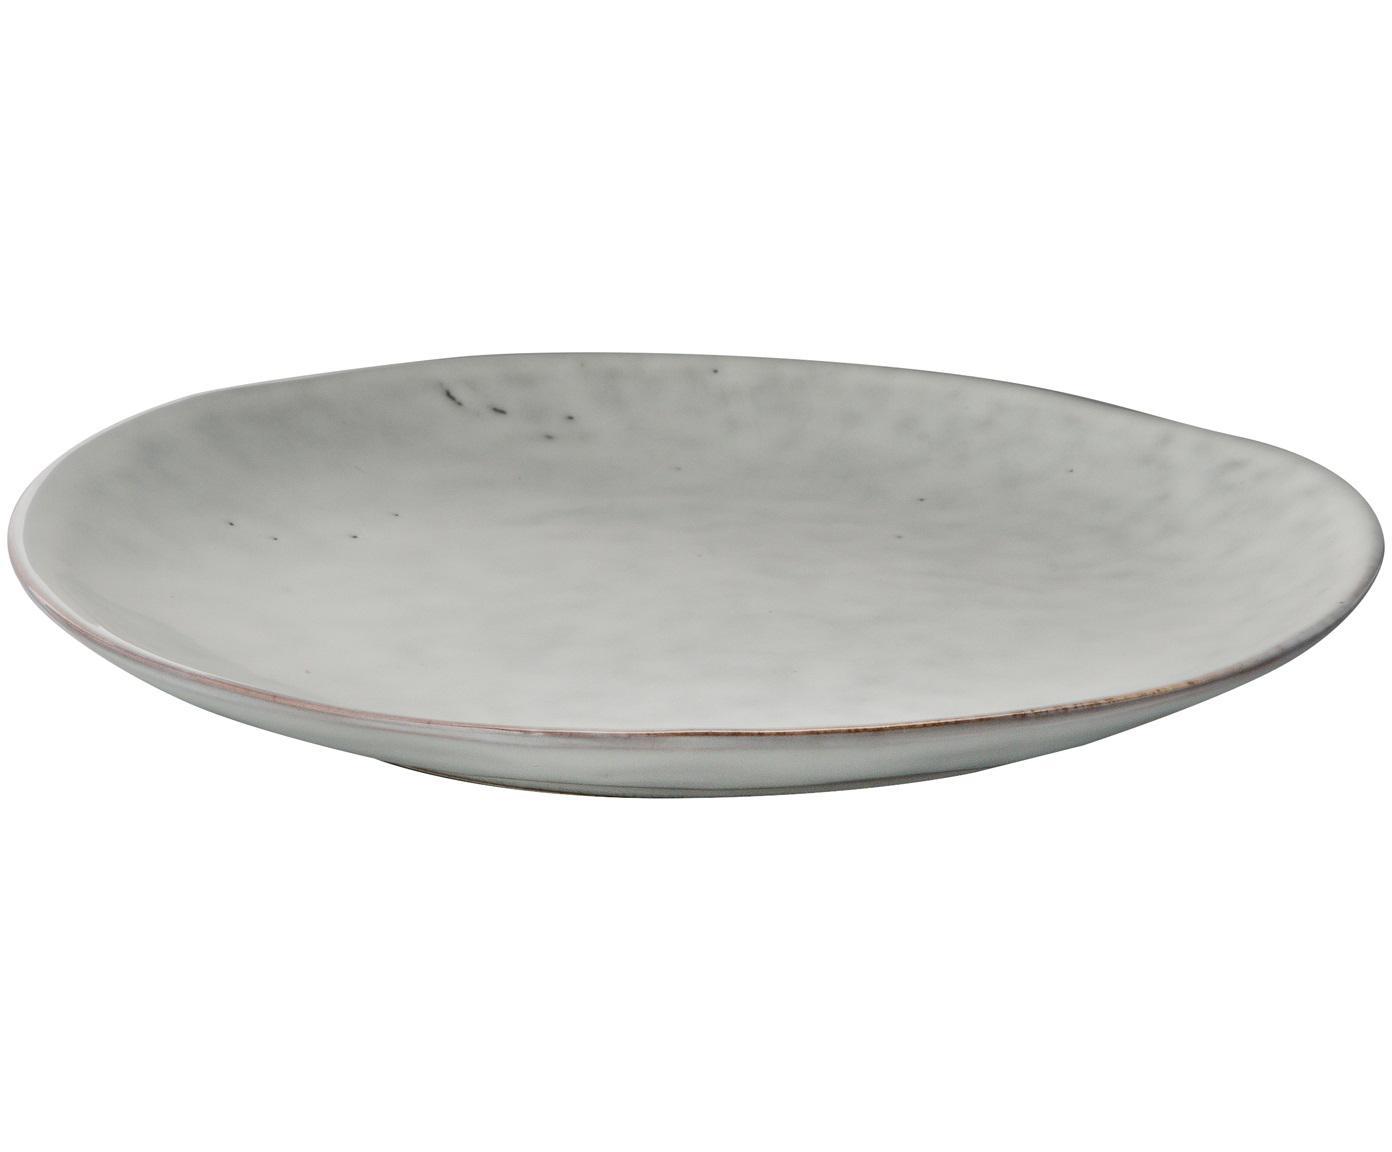 Piatto da colazione fatto a mano Nordic Sand 4 pz, Terracotta, Sabbia, Ø 20 x Alt. 3 cm